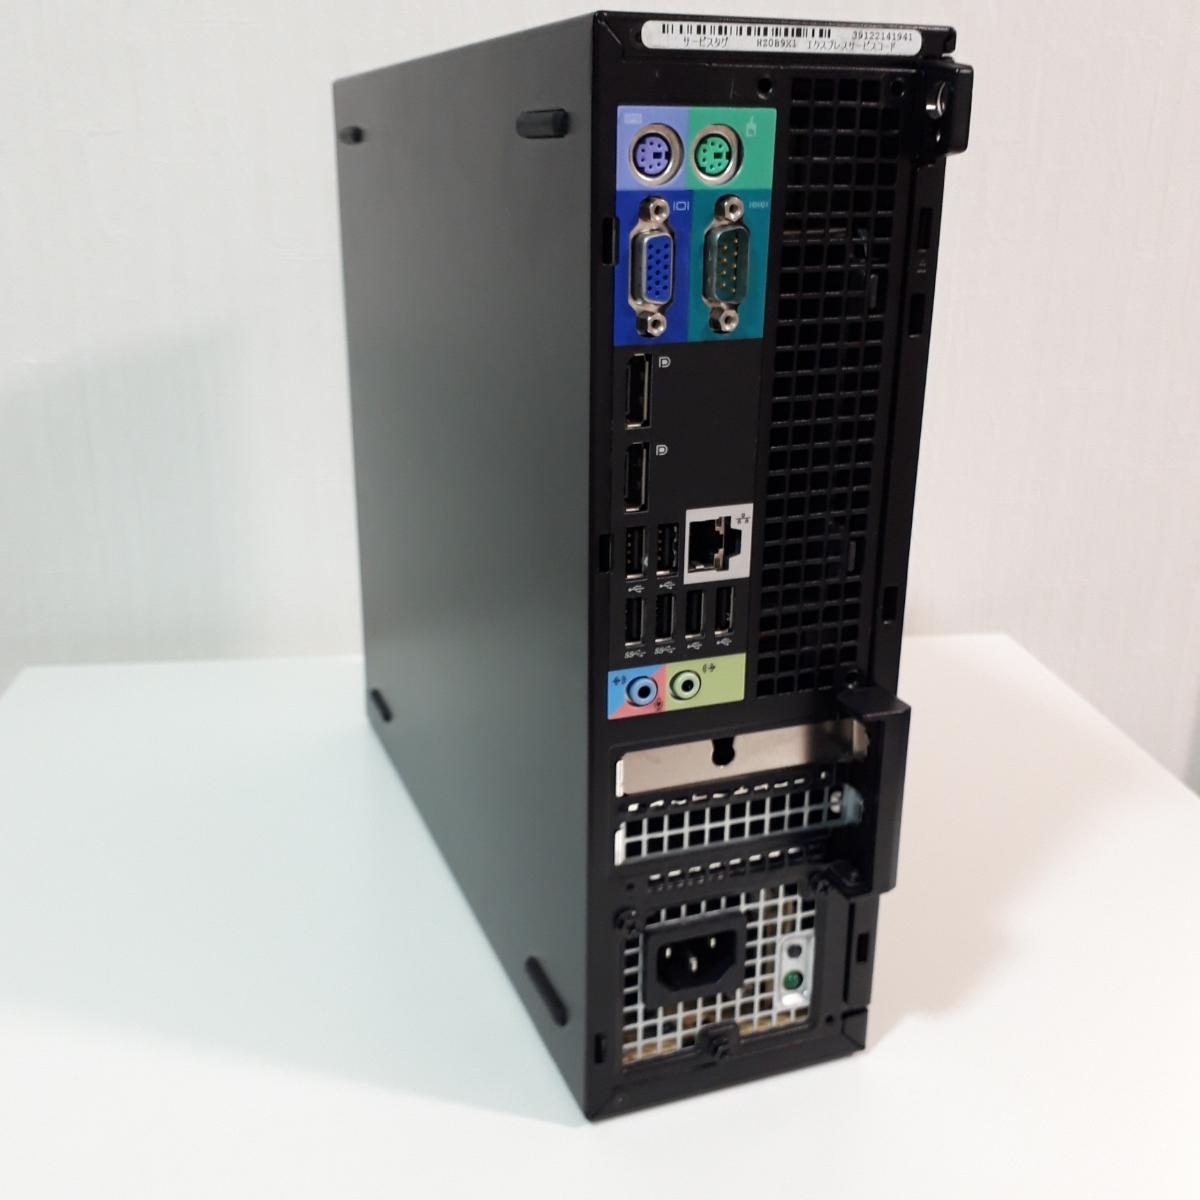 ★最速★Corei5 最大3.70GHz/DELL OPTIPLEX 9010 /SSD240GB+HDD500GB/ メモリ8GB/Win10pro/Wi-Fi 無線LAN/USB3.0/マルチモニター★SSD★_画像5